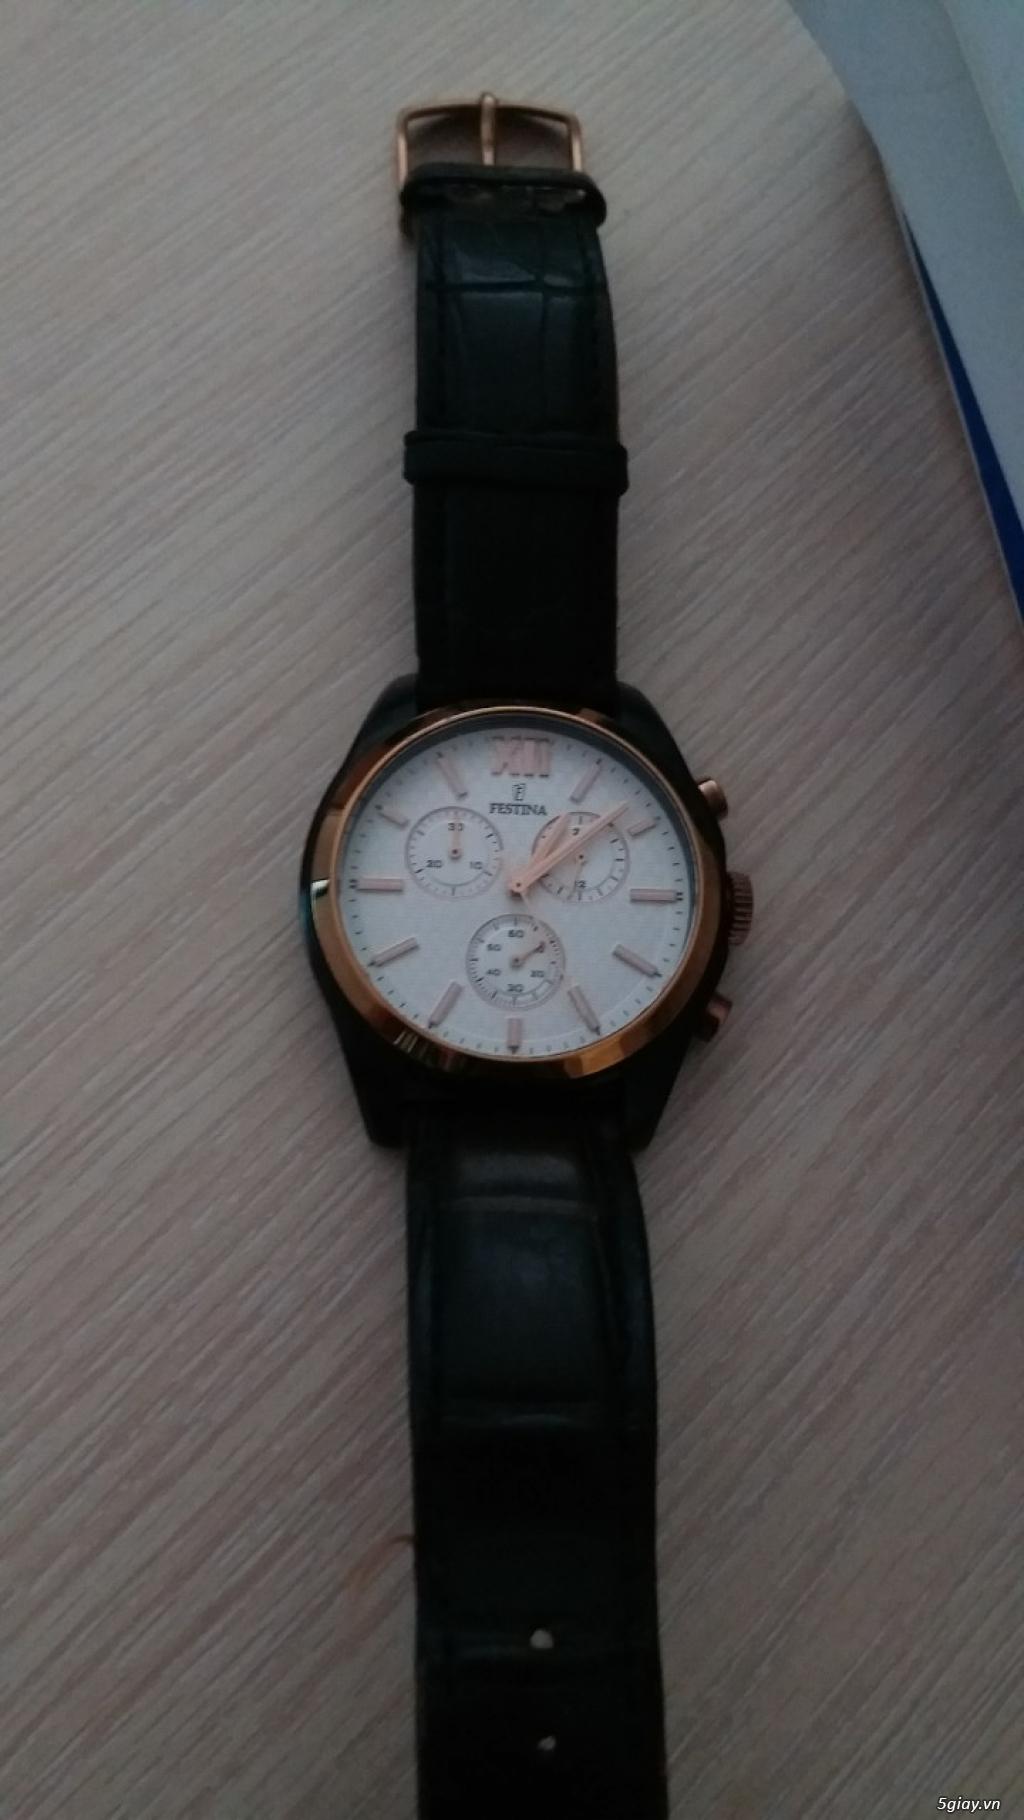 Cần bán đồng hồ Tây ban Nha Festina F16861,chính hãng - 4